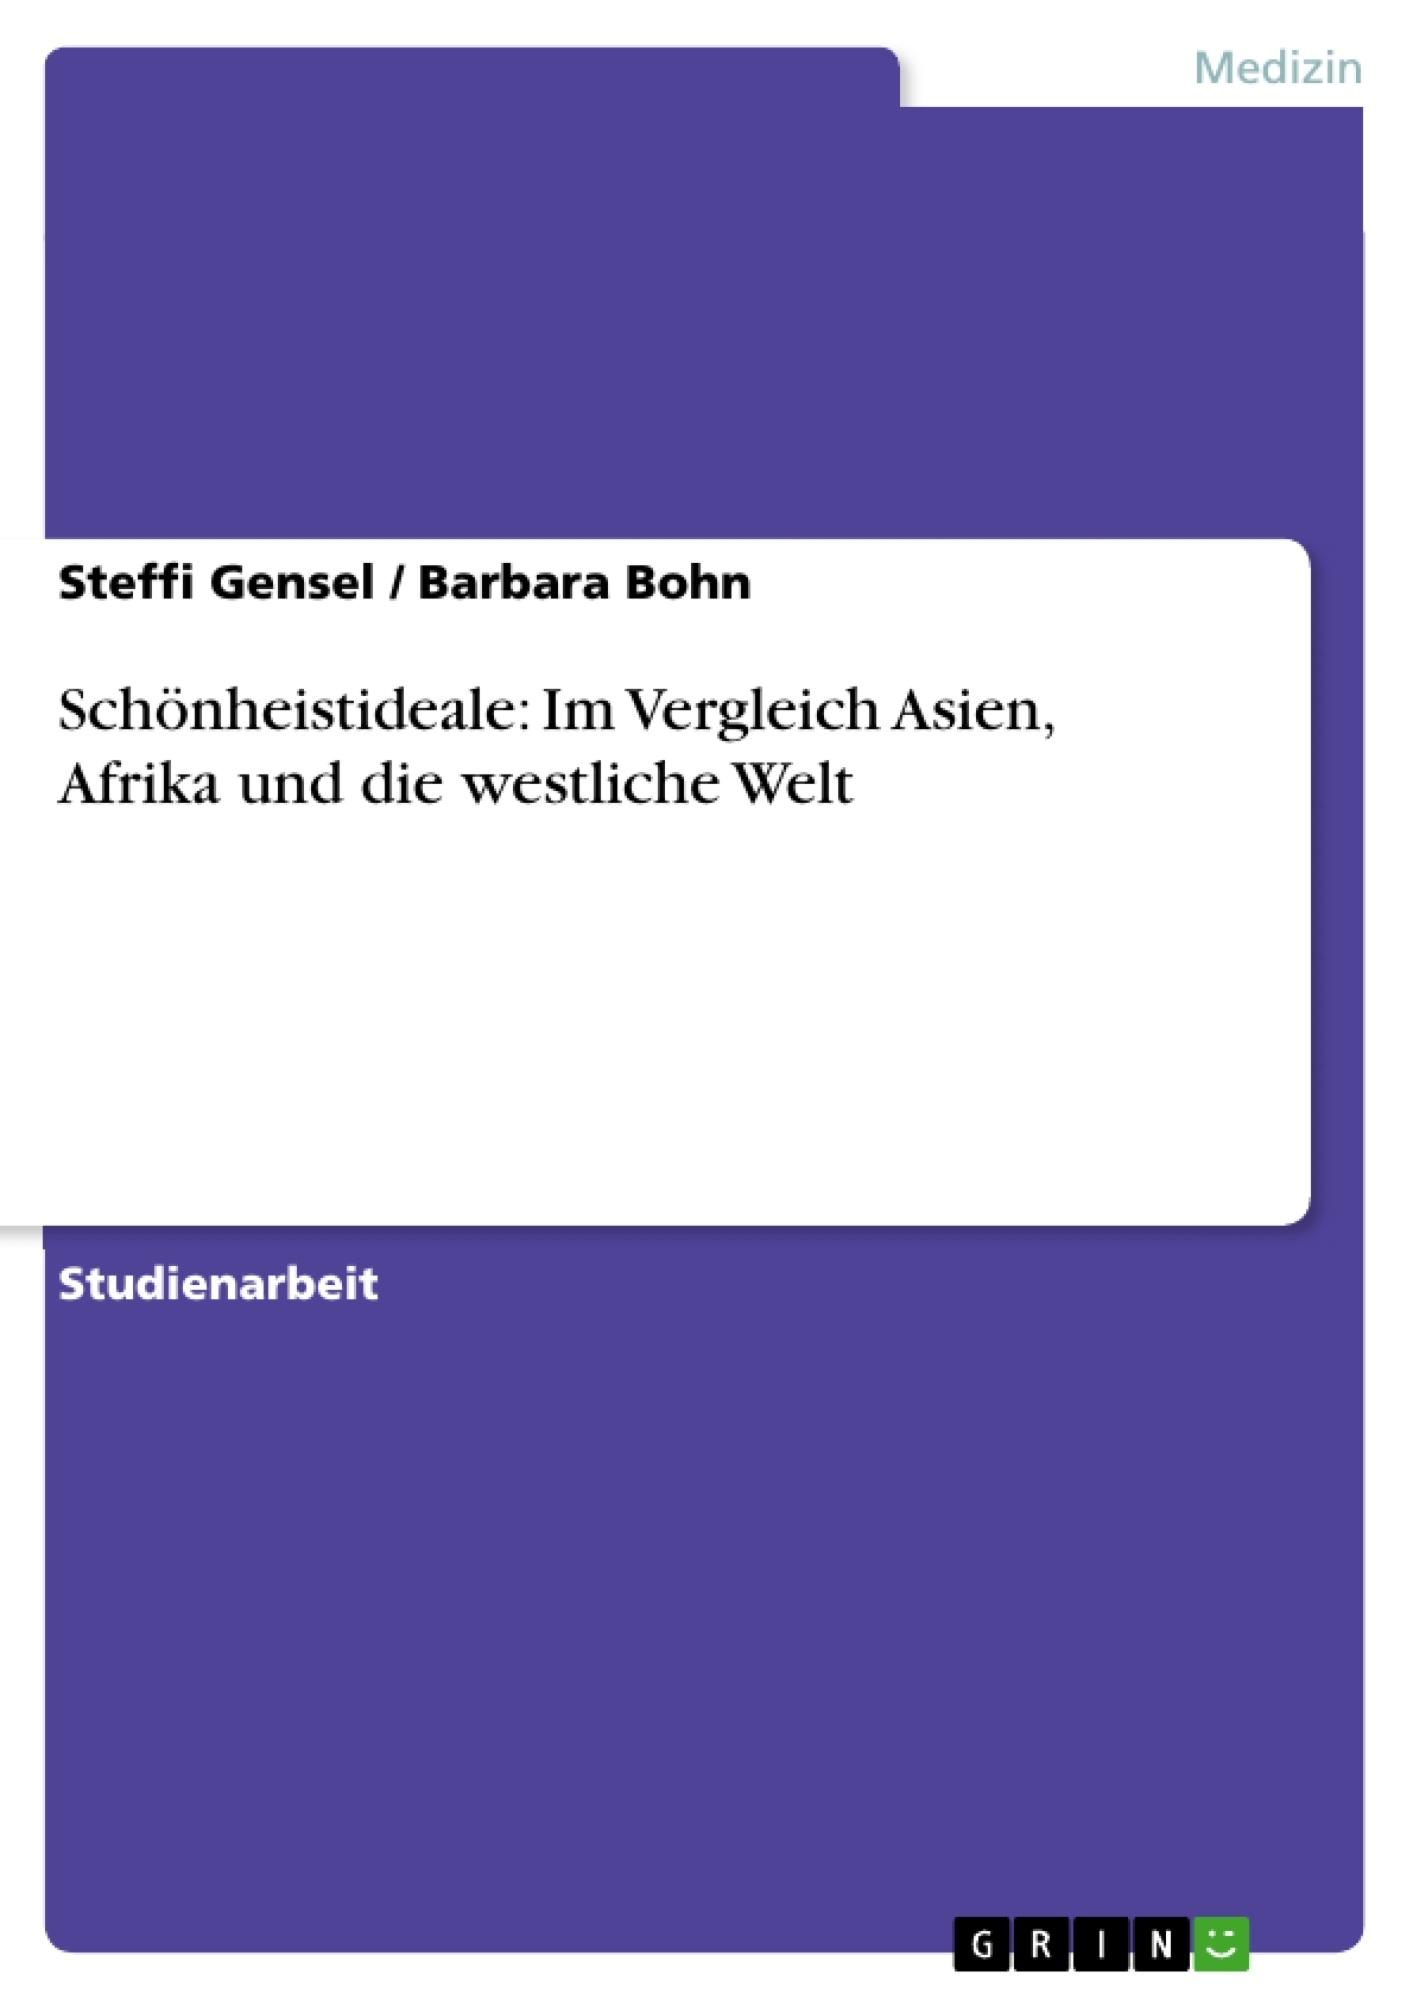 Titel: Schönheistideale: Im Vergleich Asien, Afrika und die westliche Welt